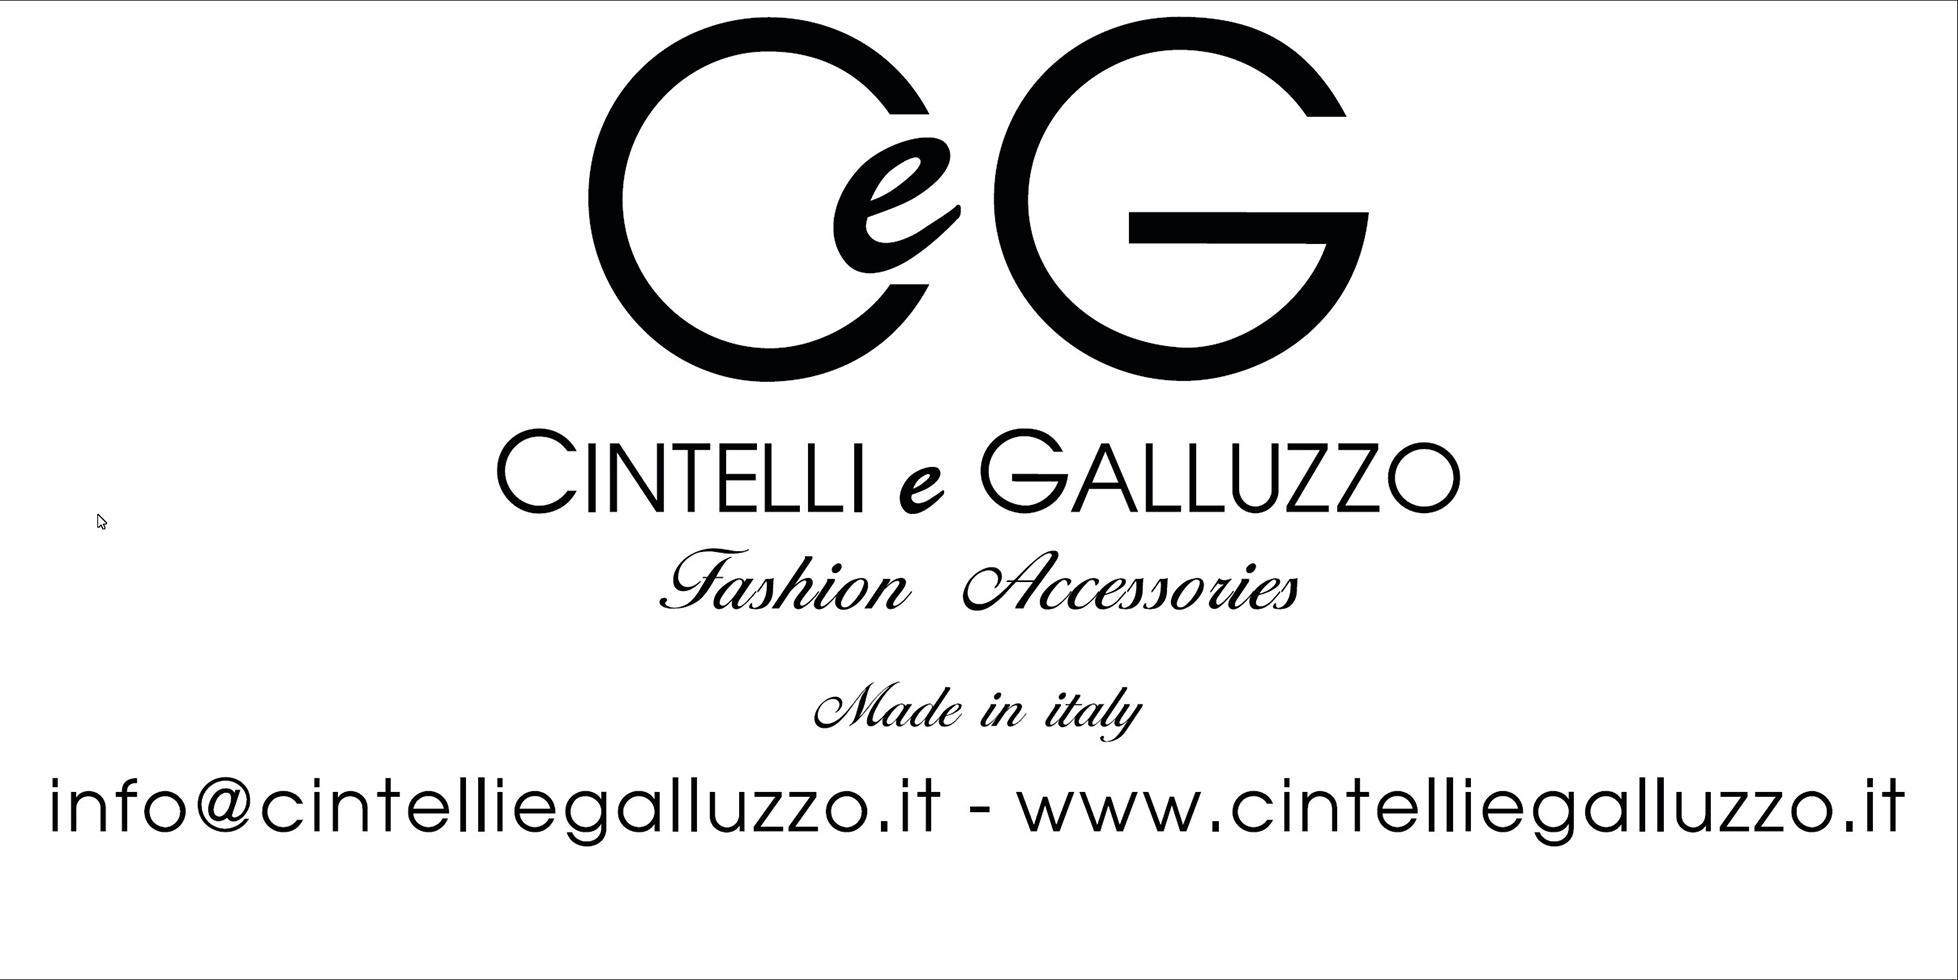 Cintelli e Galluzzo